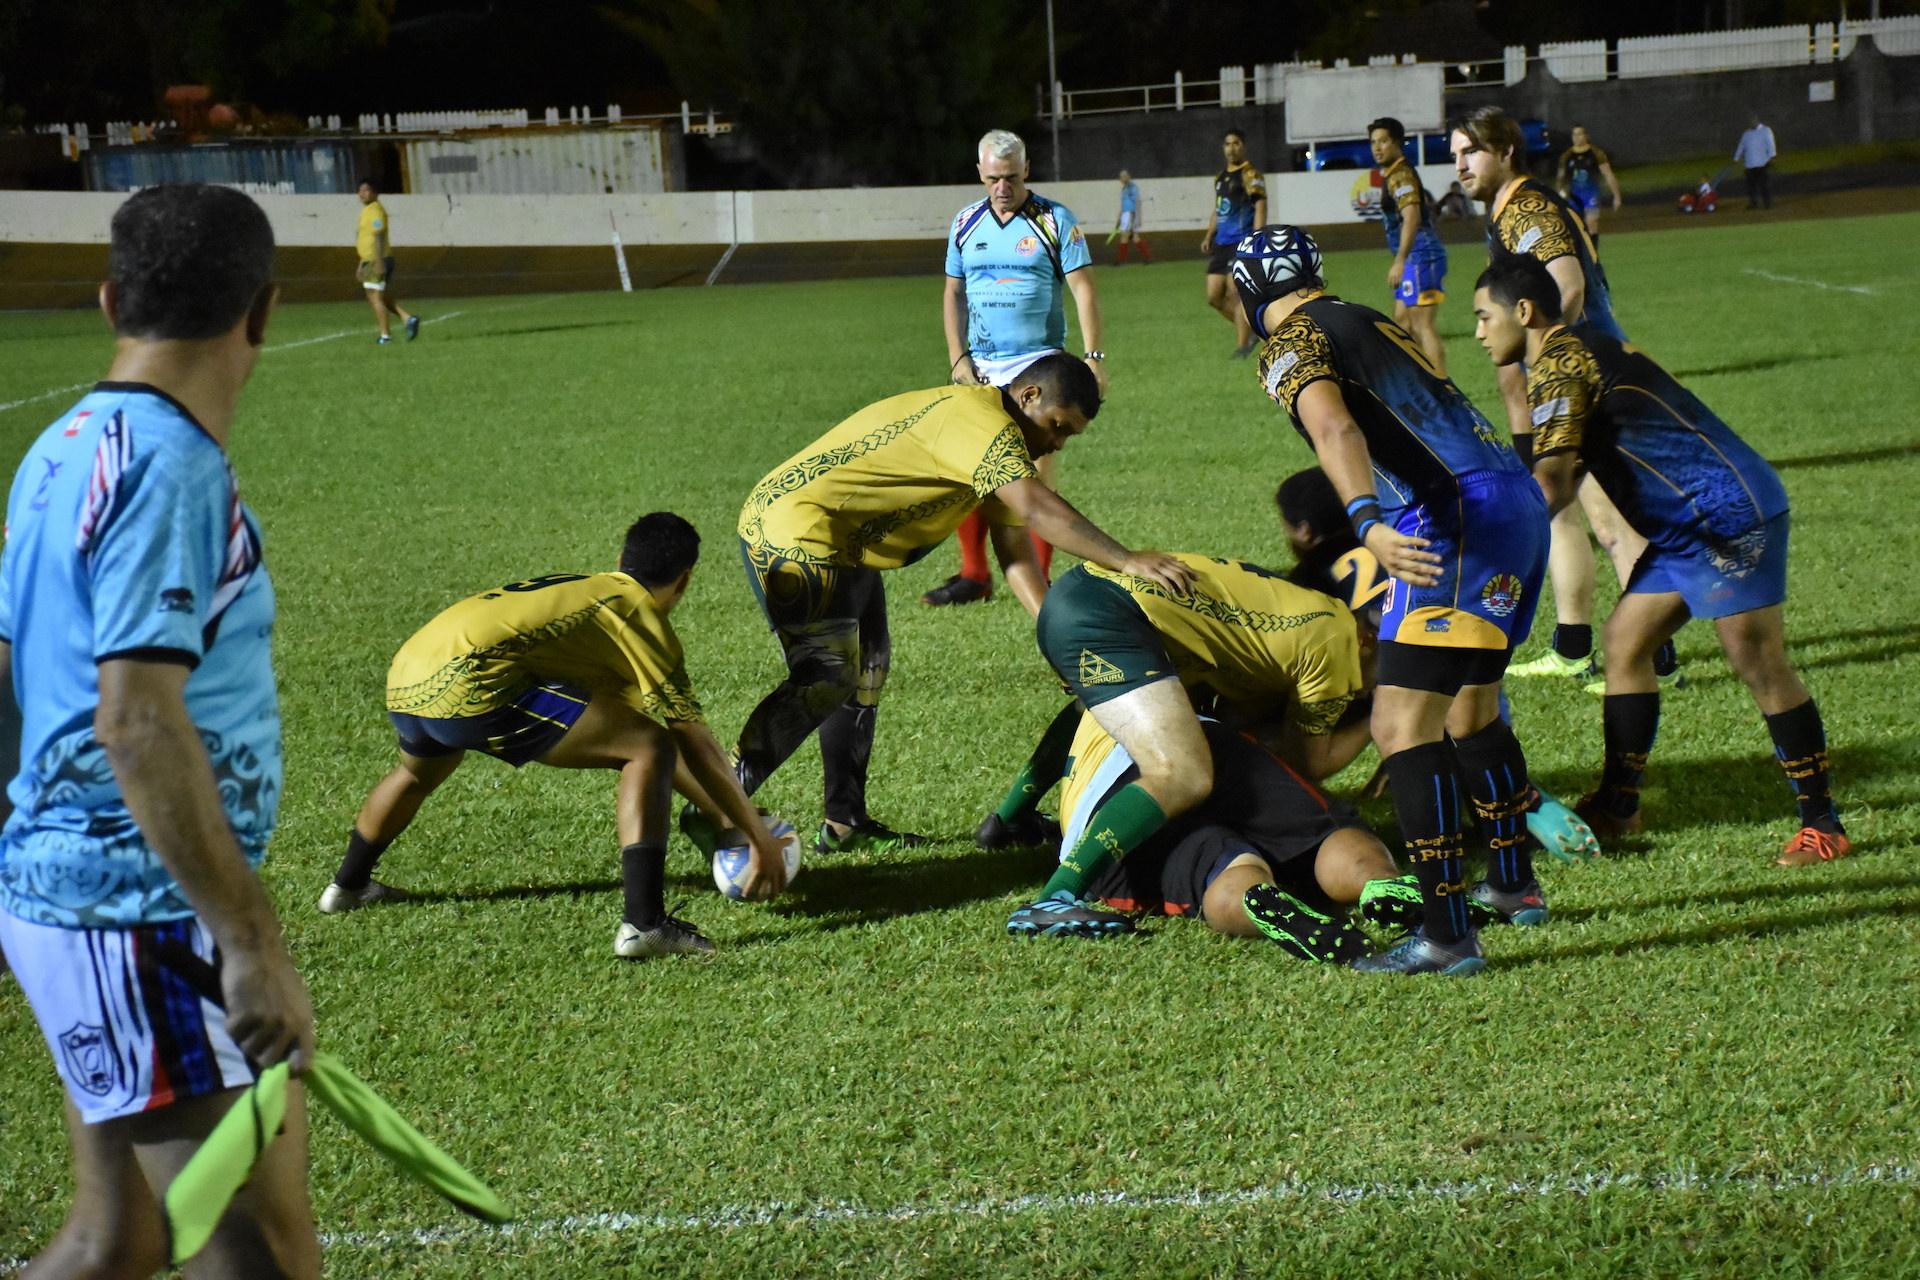 En finale, les Orange et Noir vont dérouler face au Faa'a Rugby en s'imposant dans les plus grandes largeurs avec pas moins de sept essais inscrits.